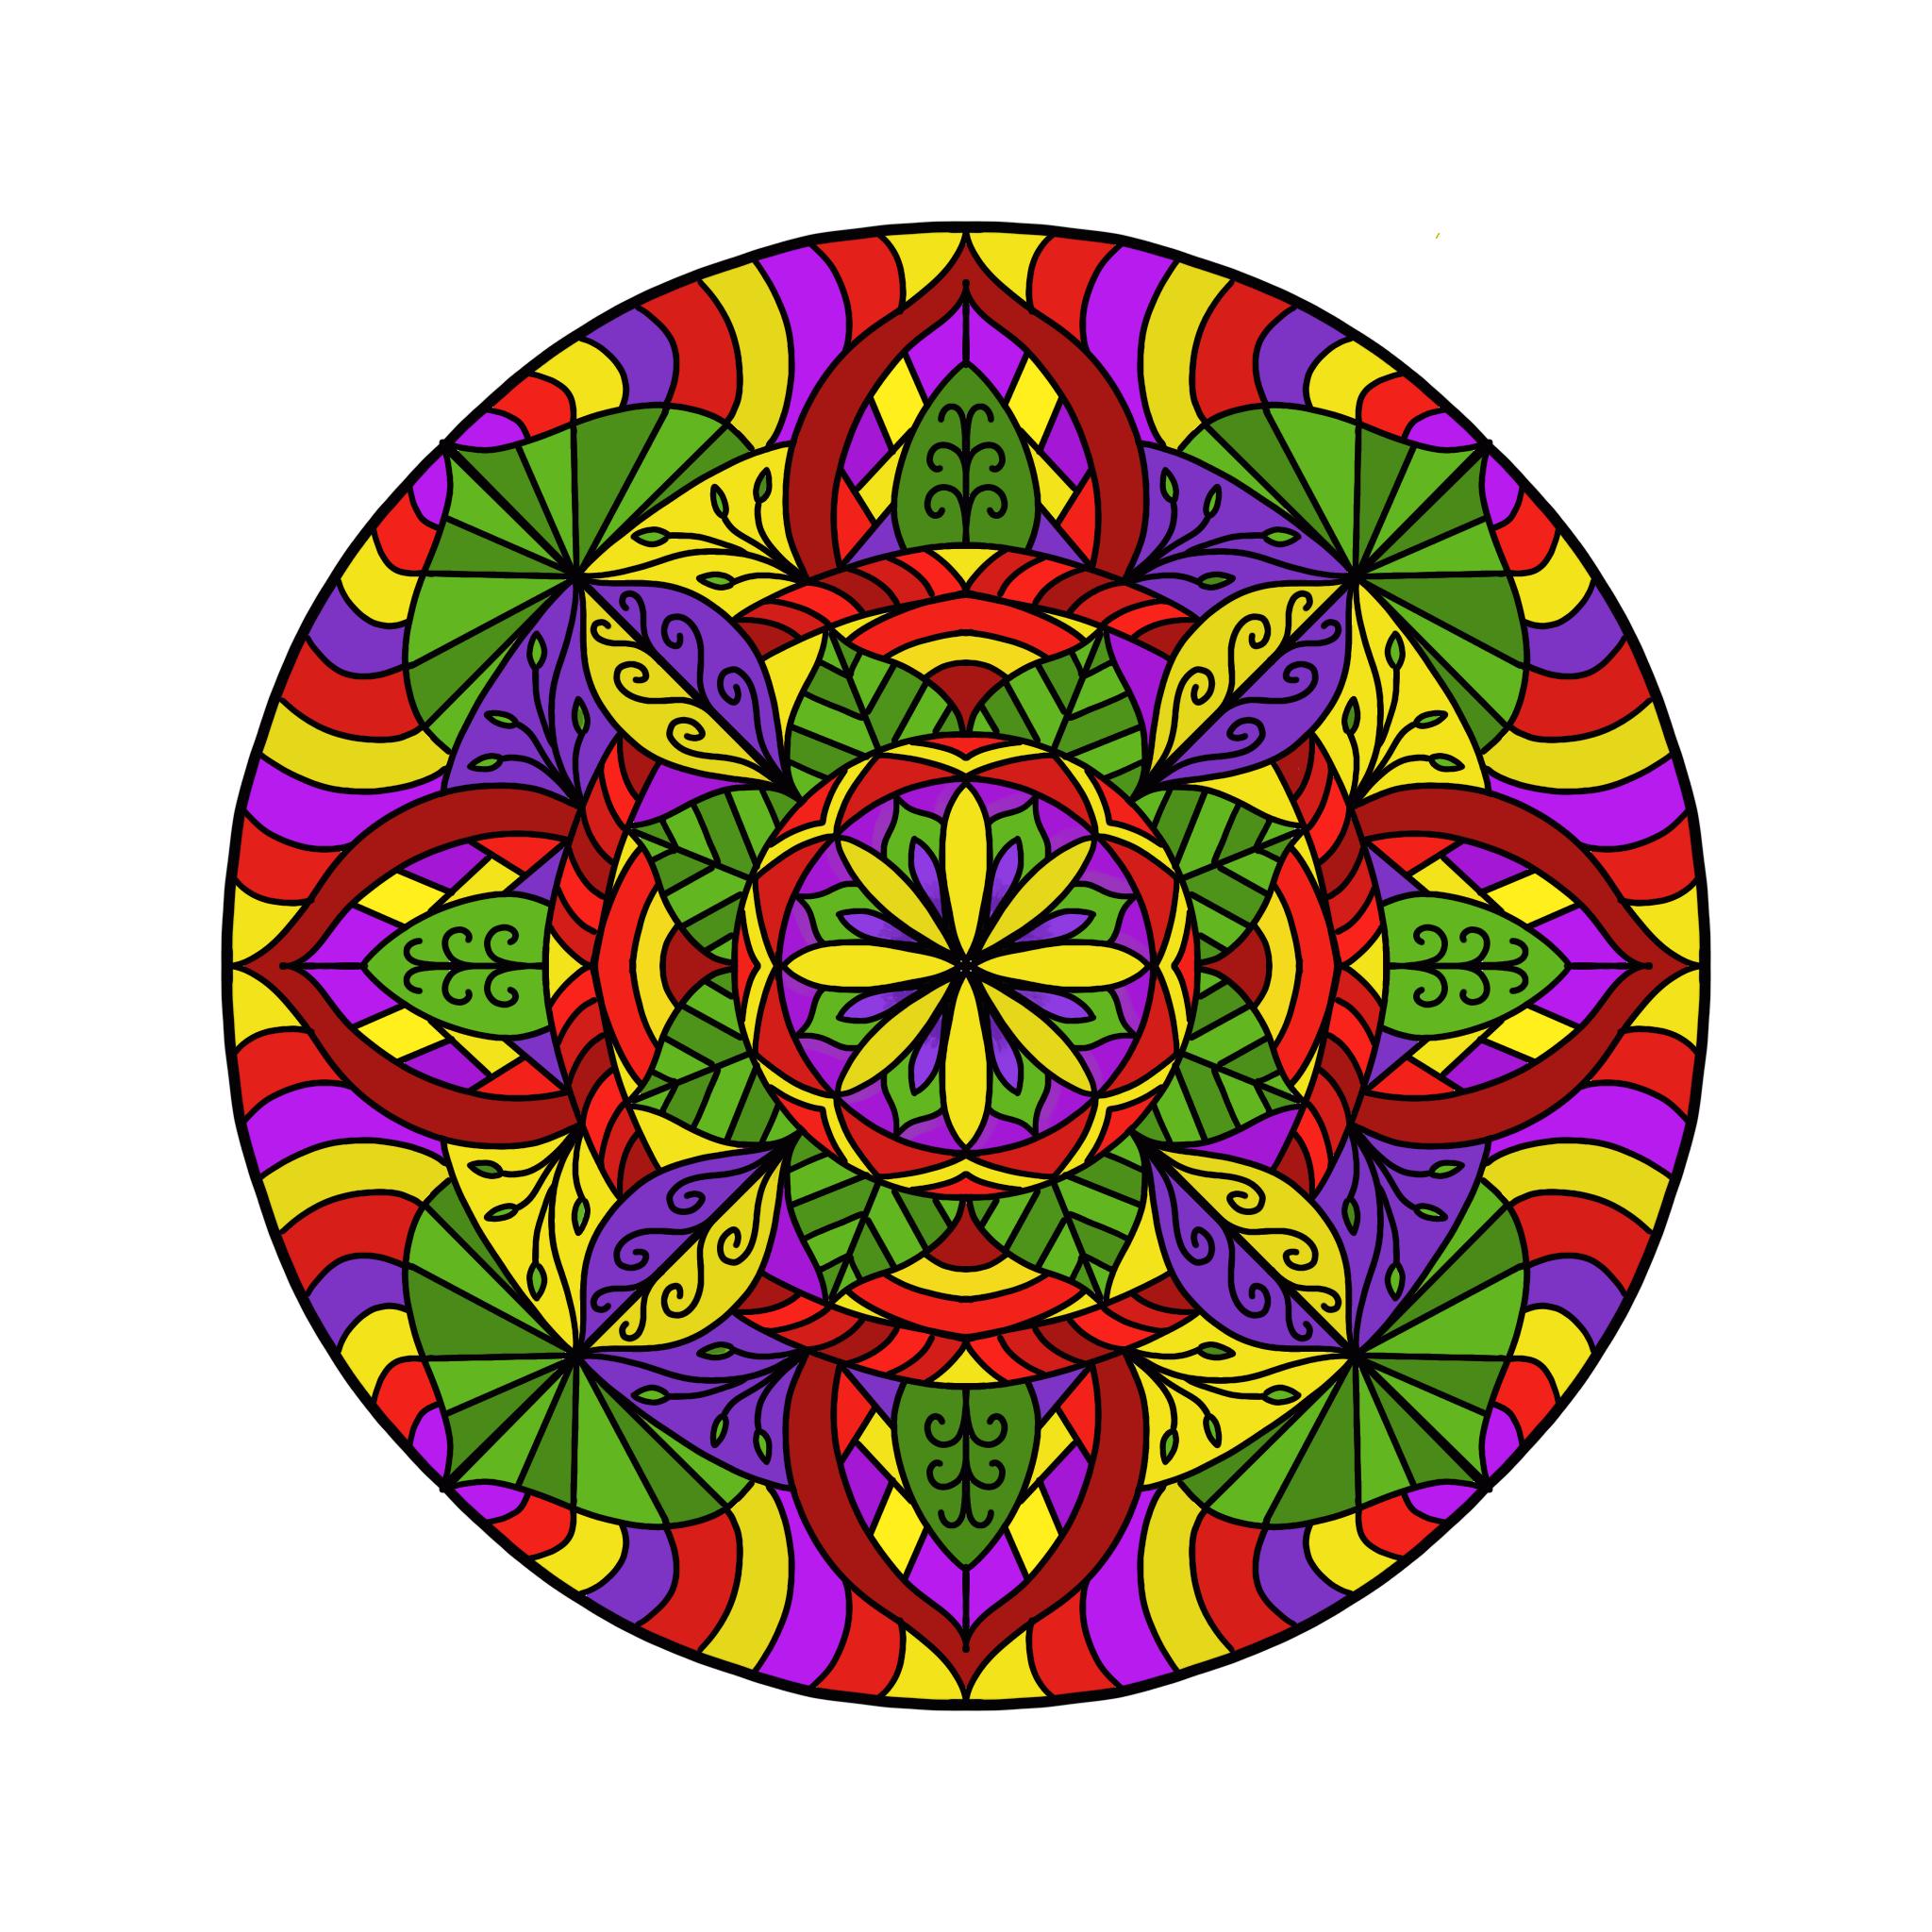 Mandala 10 Colored Procreate